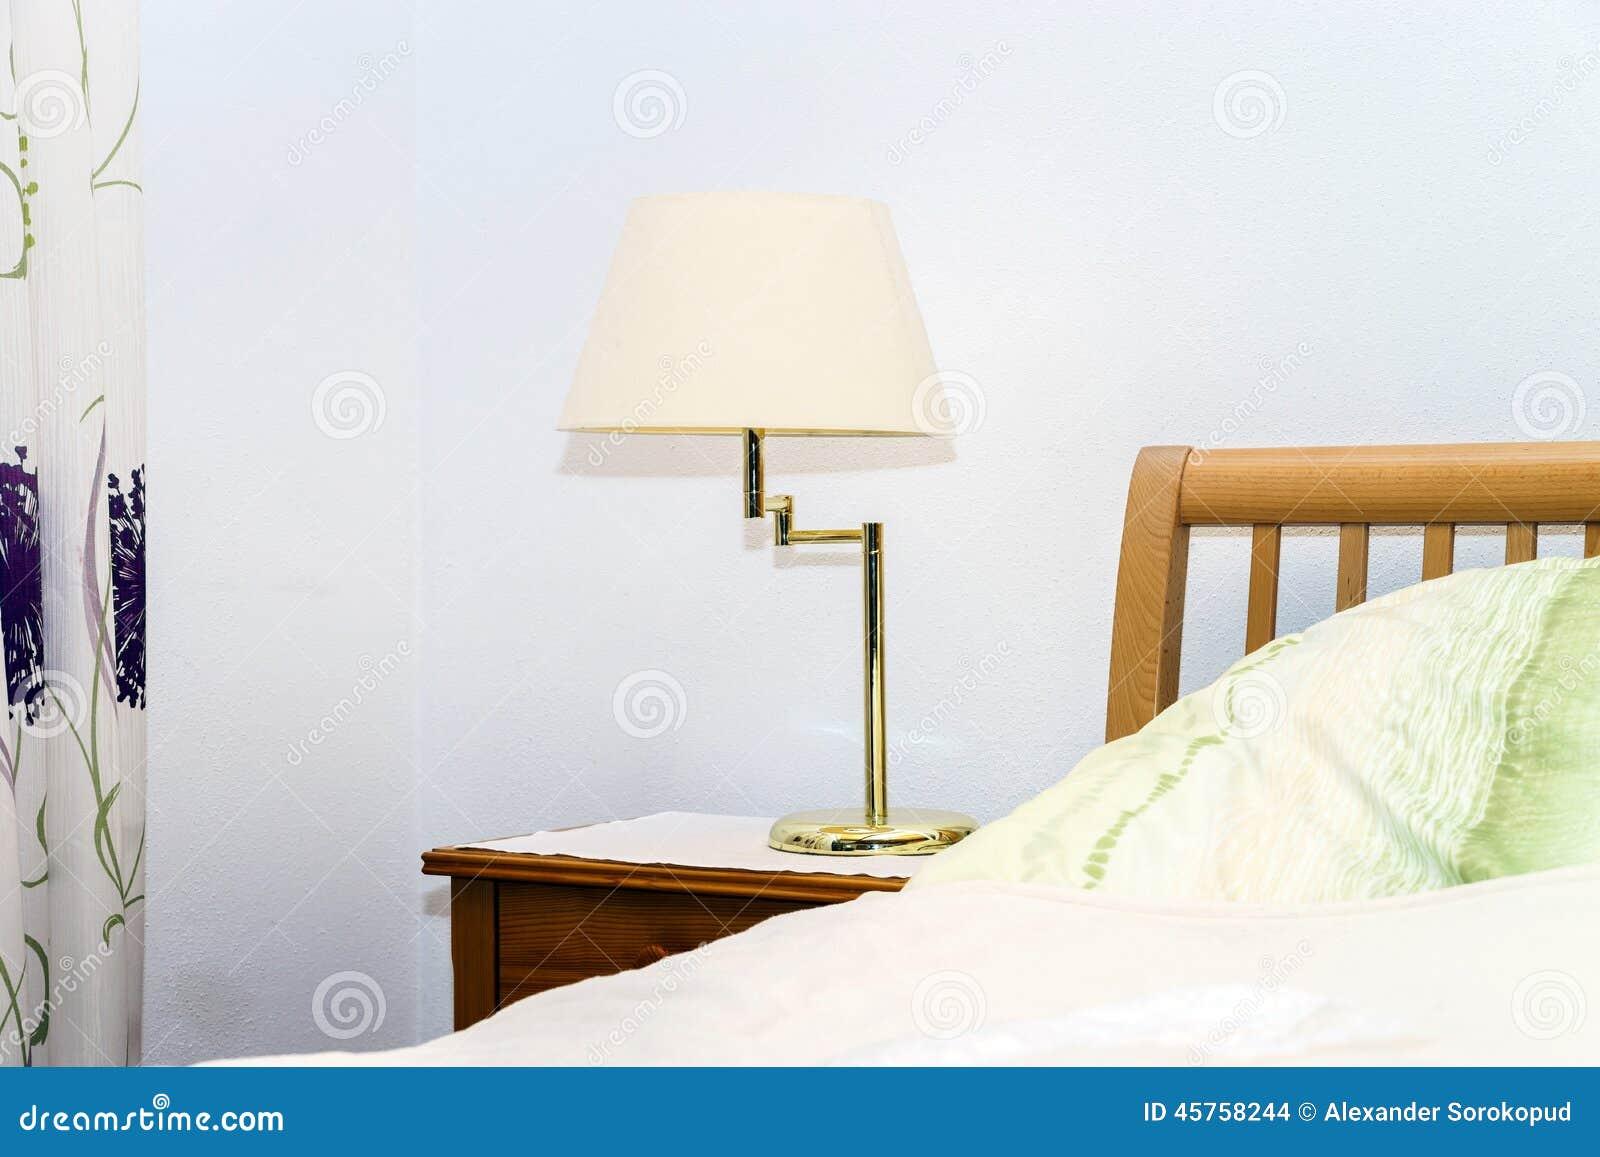 Einzelne Nachtlampe Im Schlafzimmer Stockfoto - Bild von bett ...